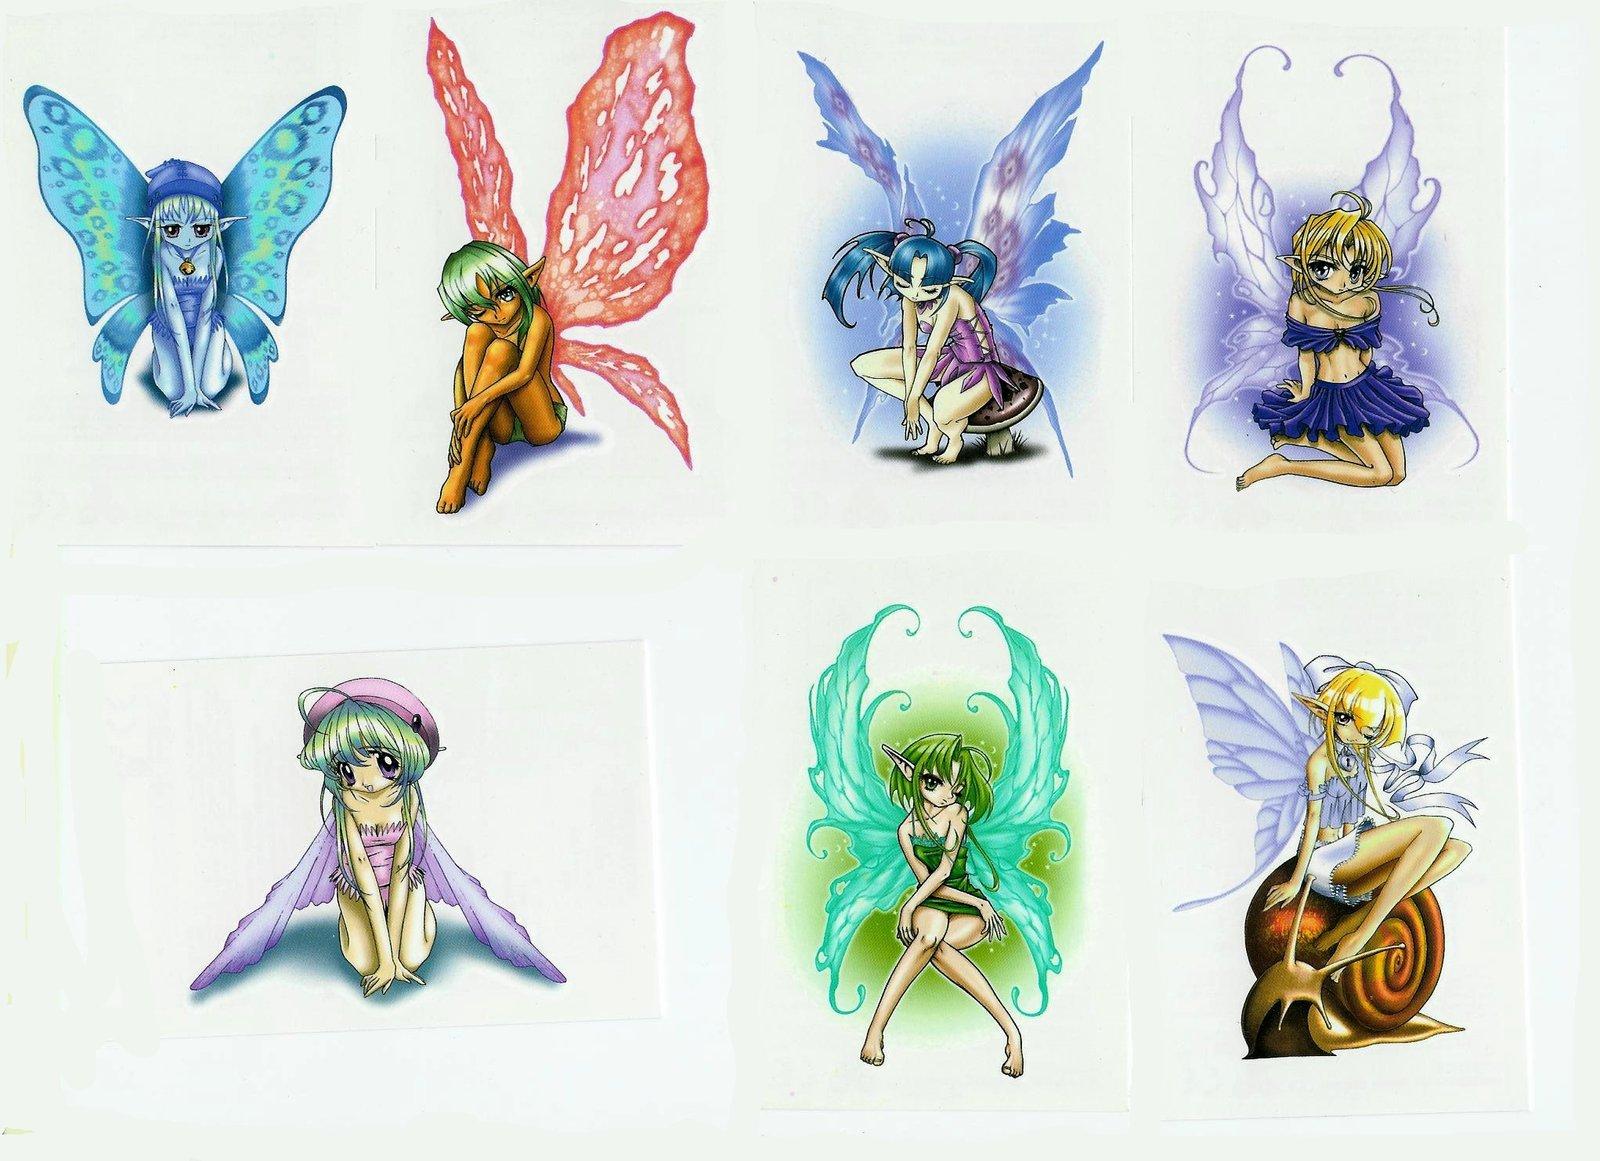 DeviantArt: More Like Anime Fairy Wallpaper 1 by Vernamon